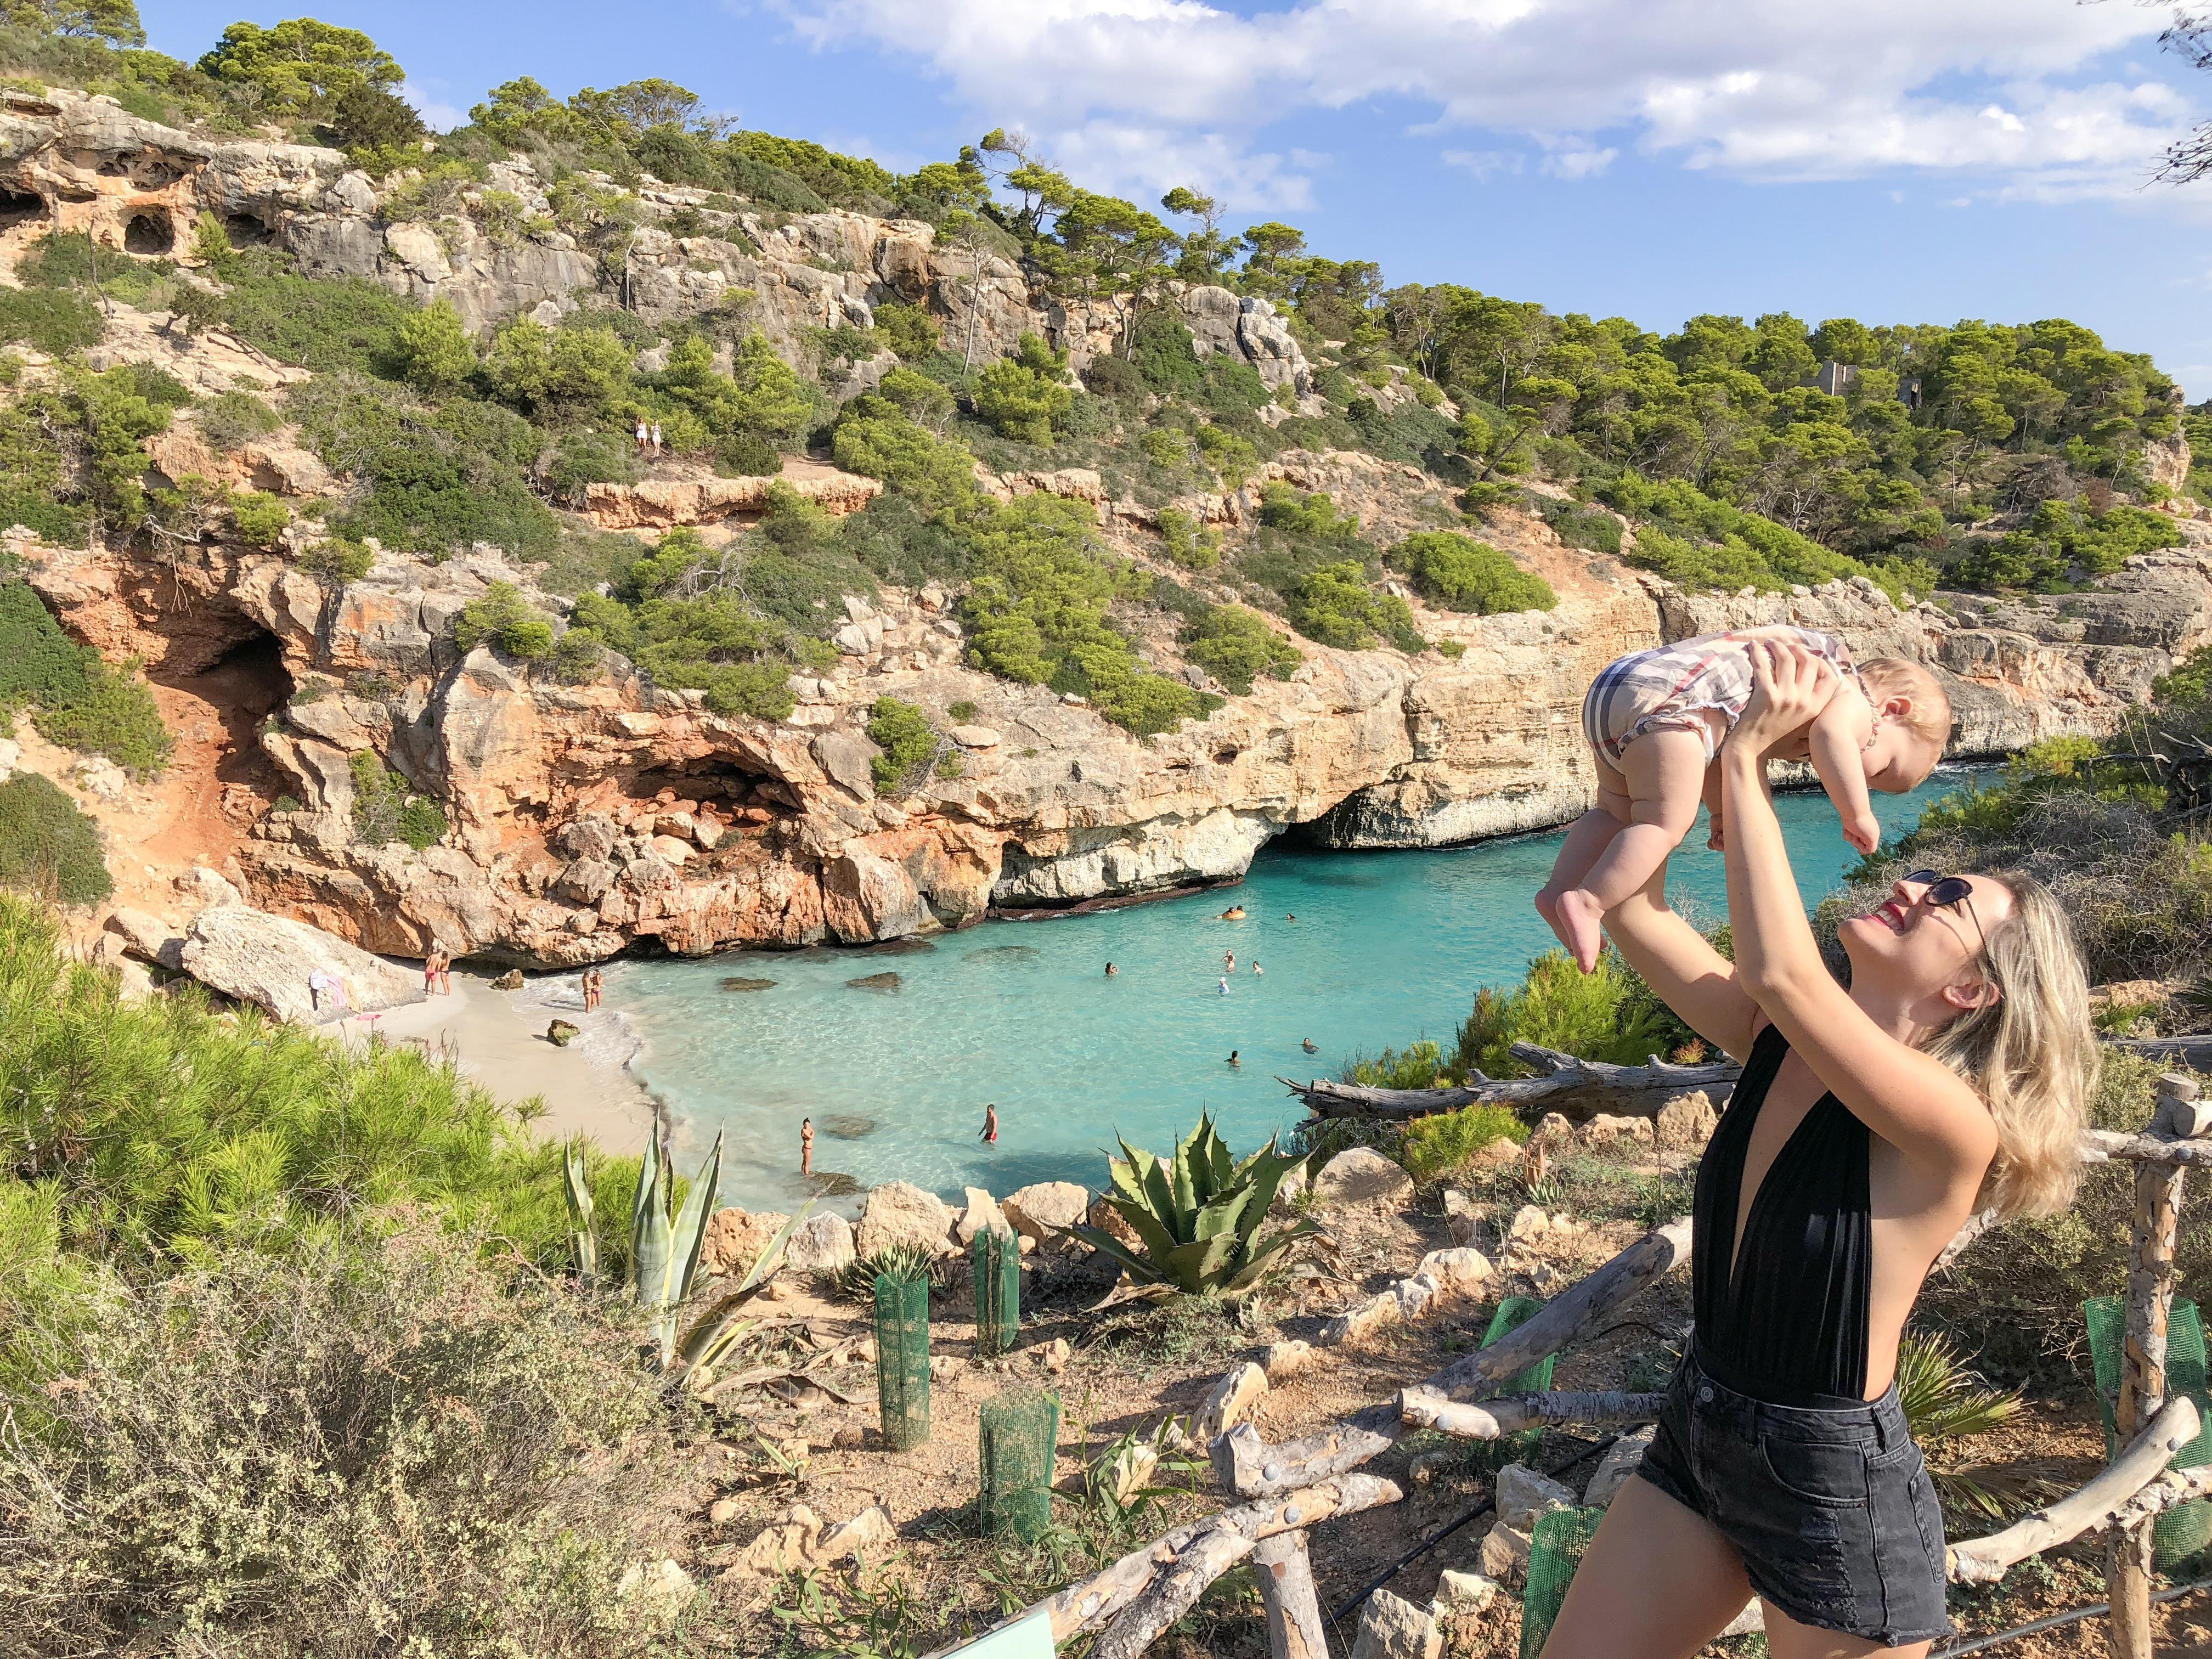 trilha praia Maiorca - melhores praias ilhas baleares